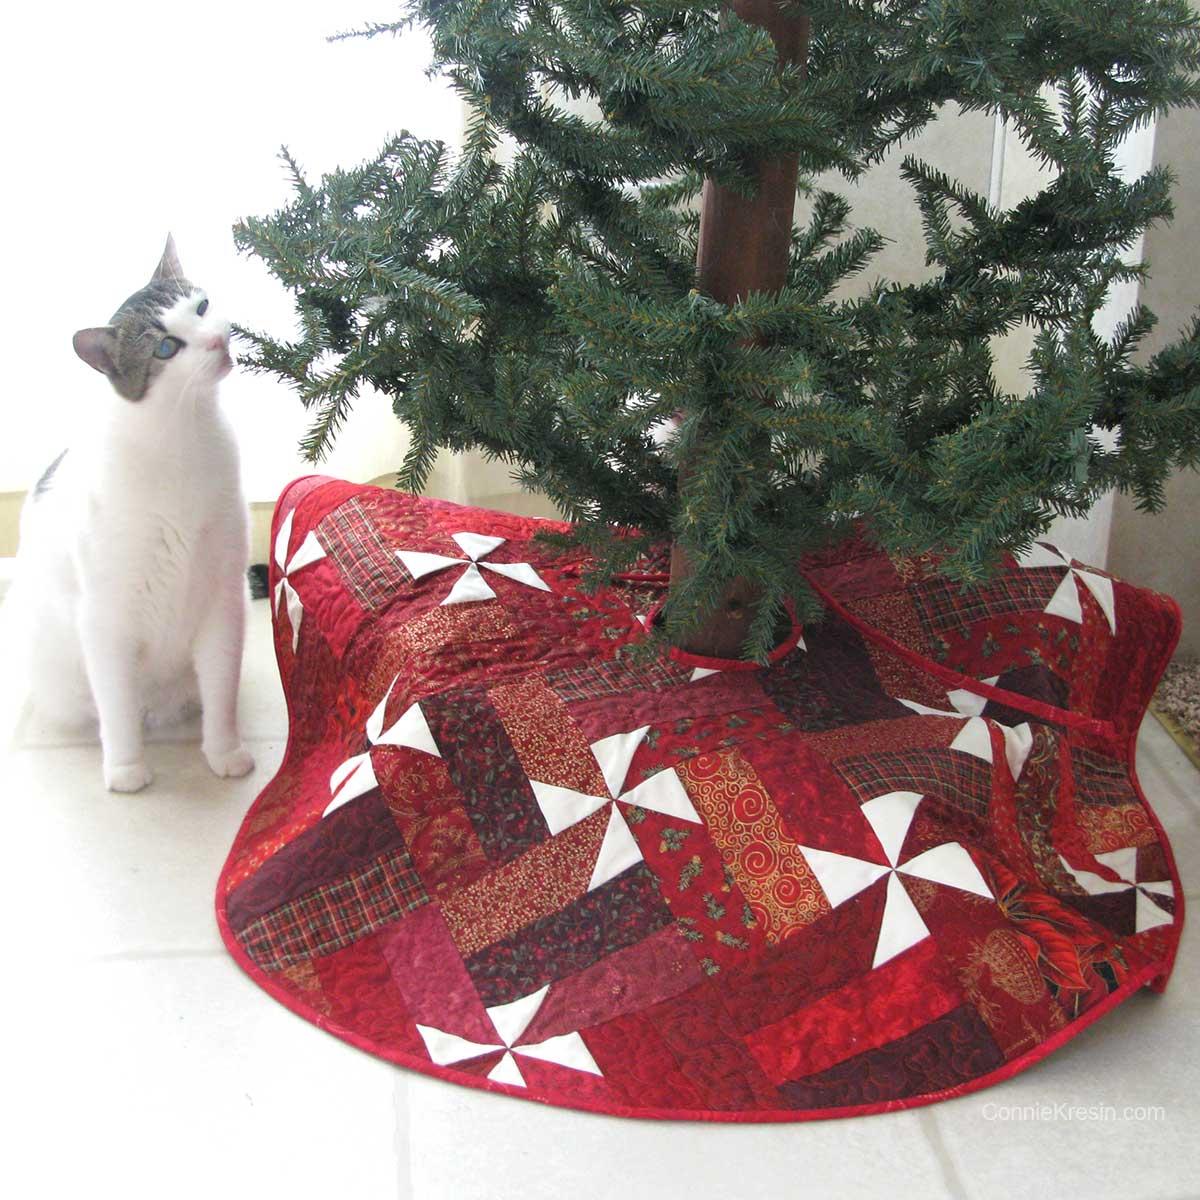 Christmas Tree Skirt for the holidays